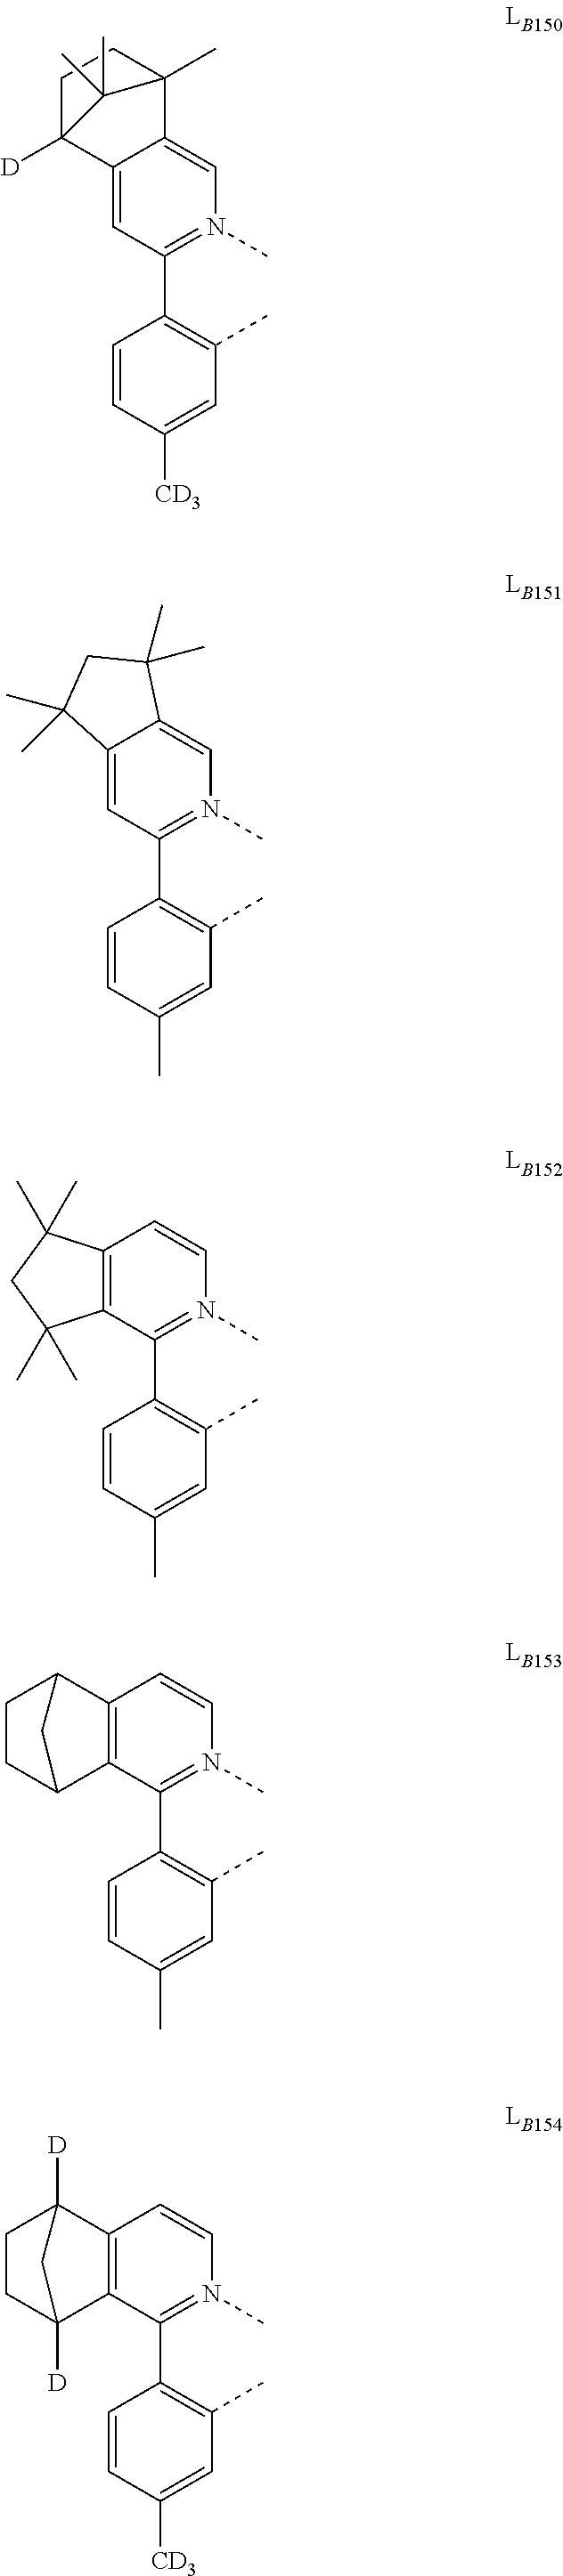 Figure US09929360-20180327-C00069